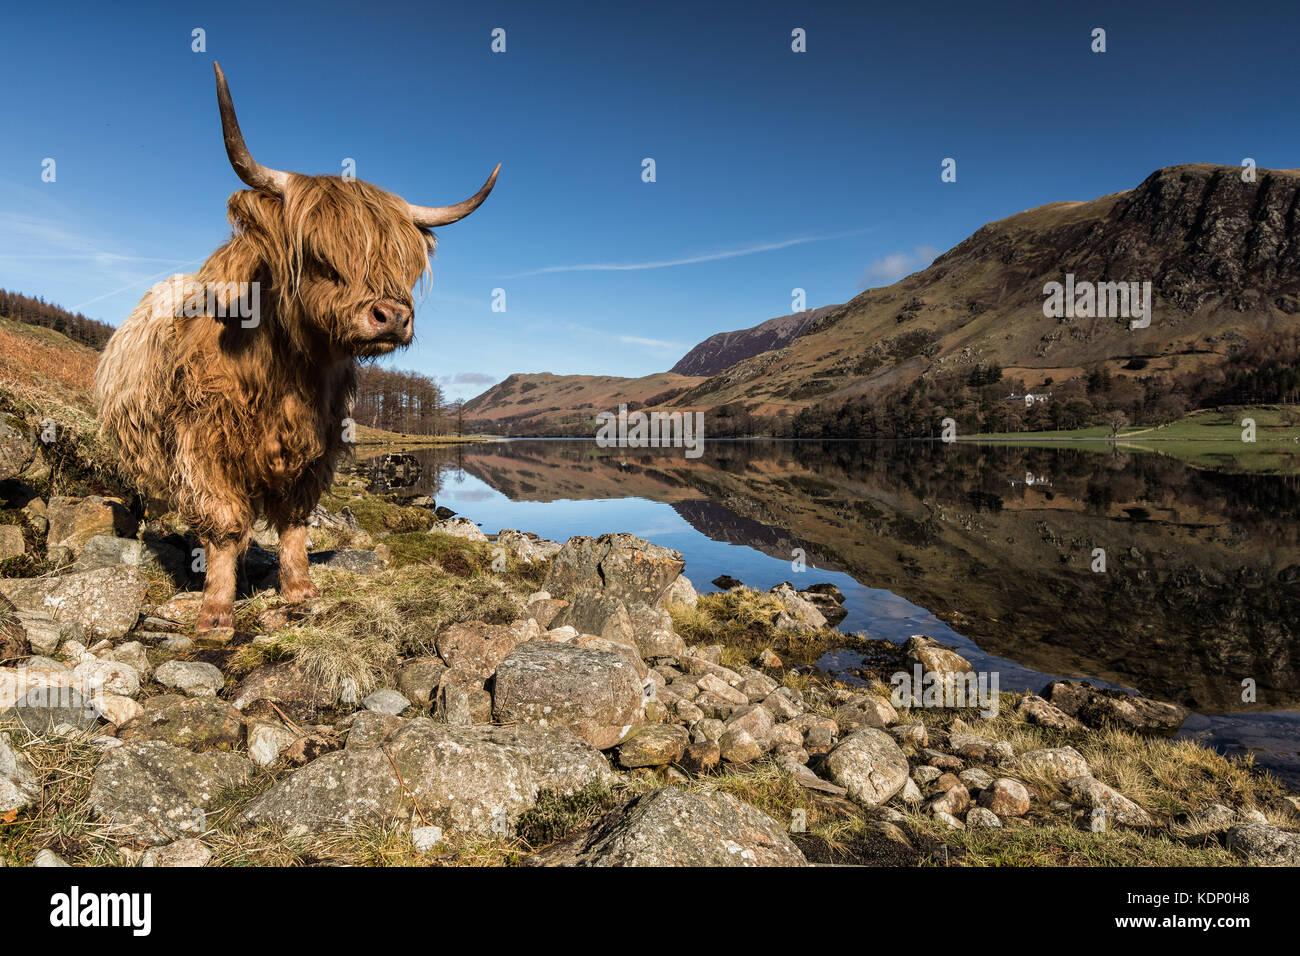 Highland bestiame al lago a Buttermere Lake, nel distretto del lago, Cumbria, England, Regno Unito Immagini Stock